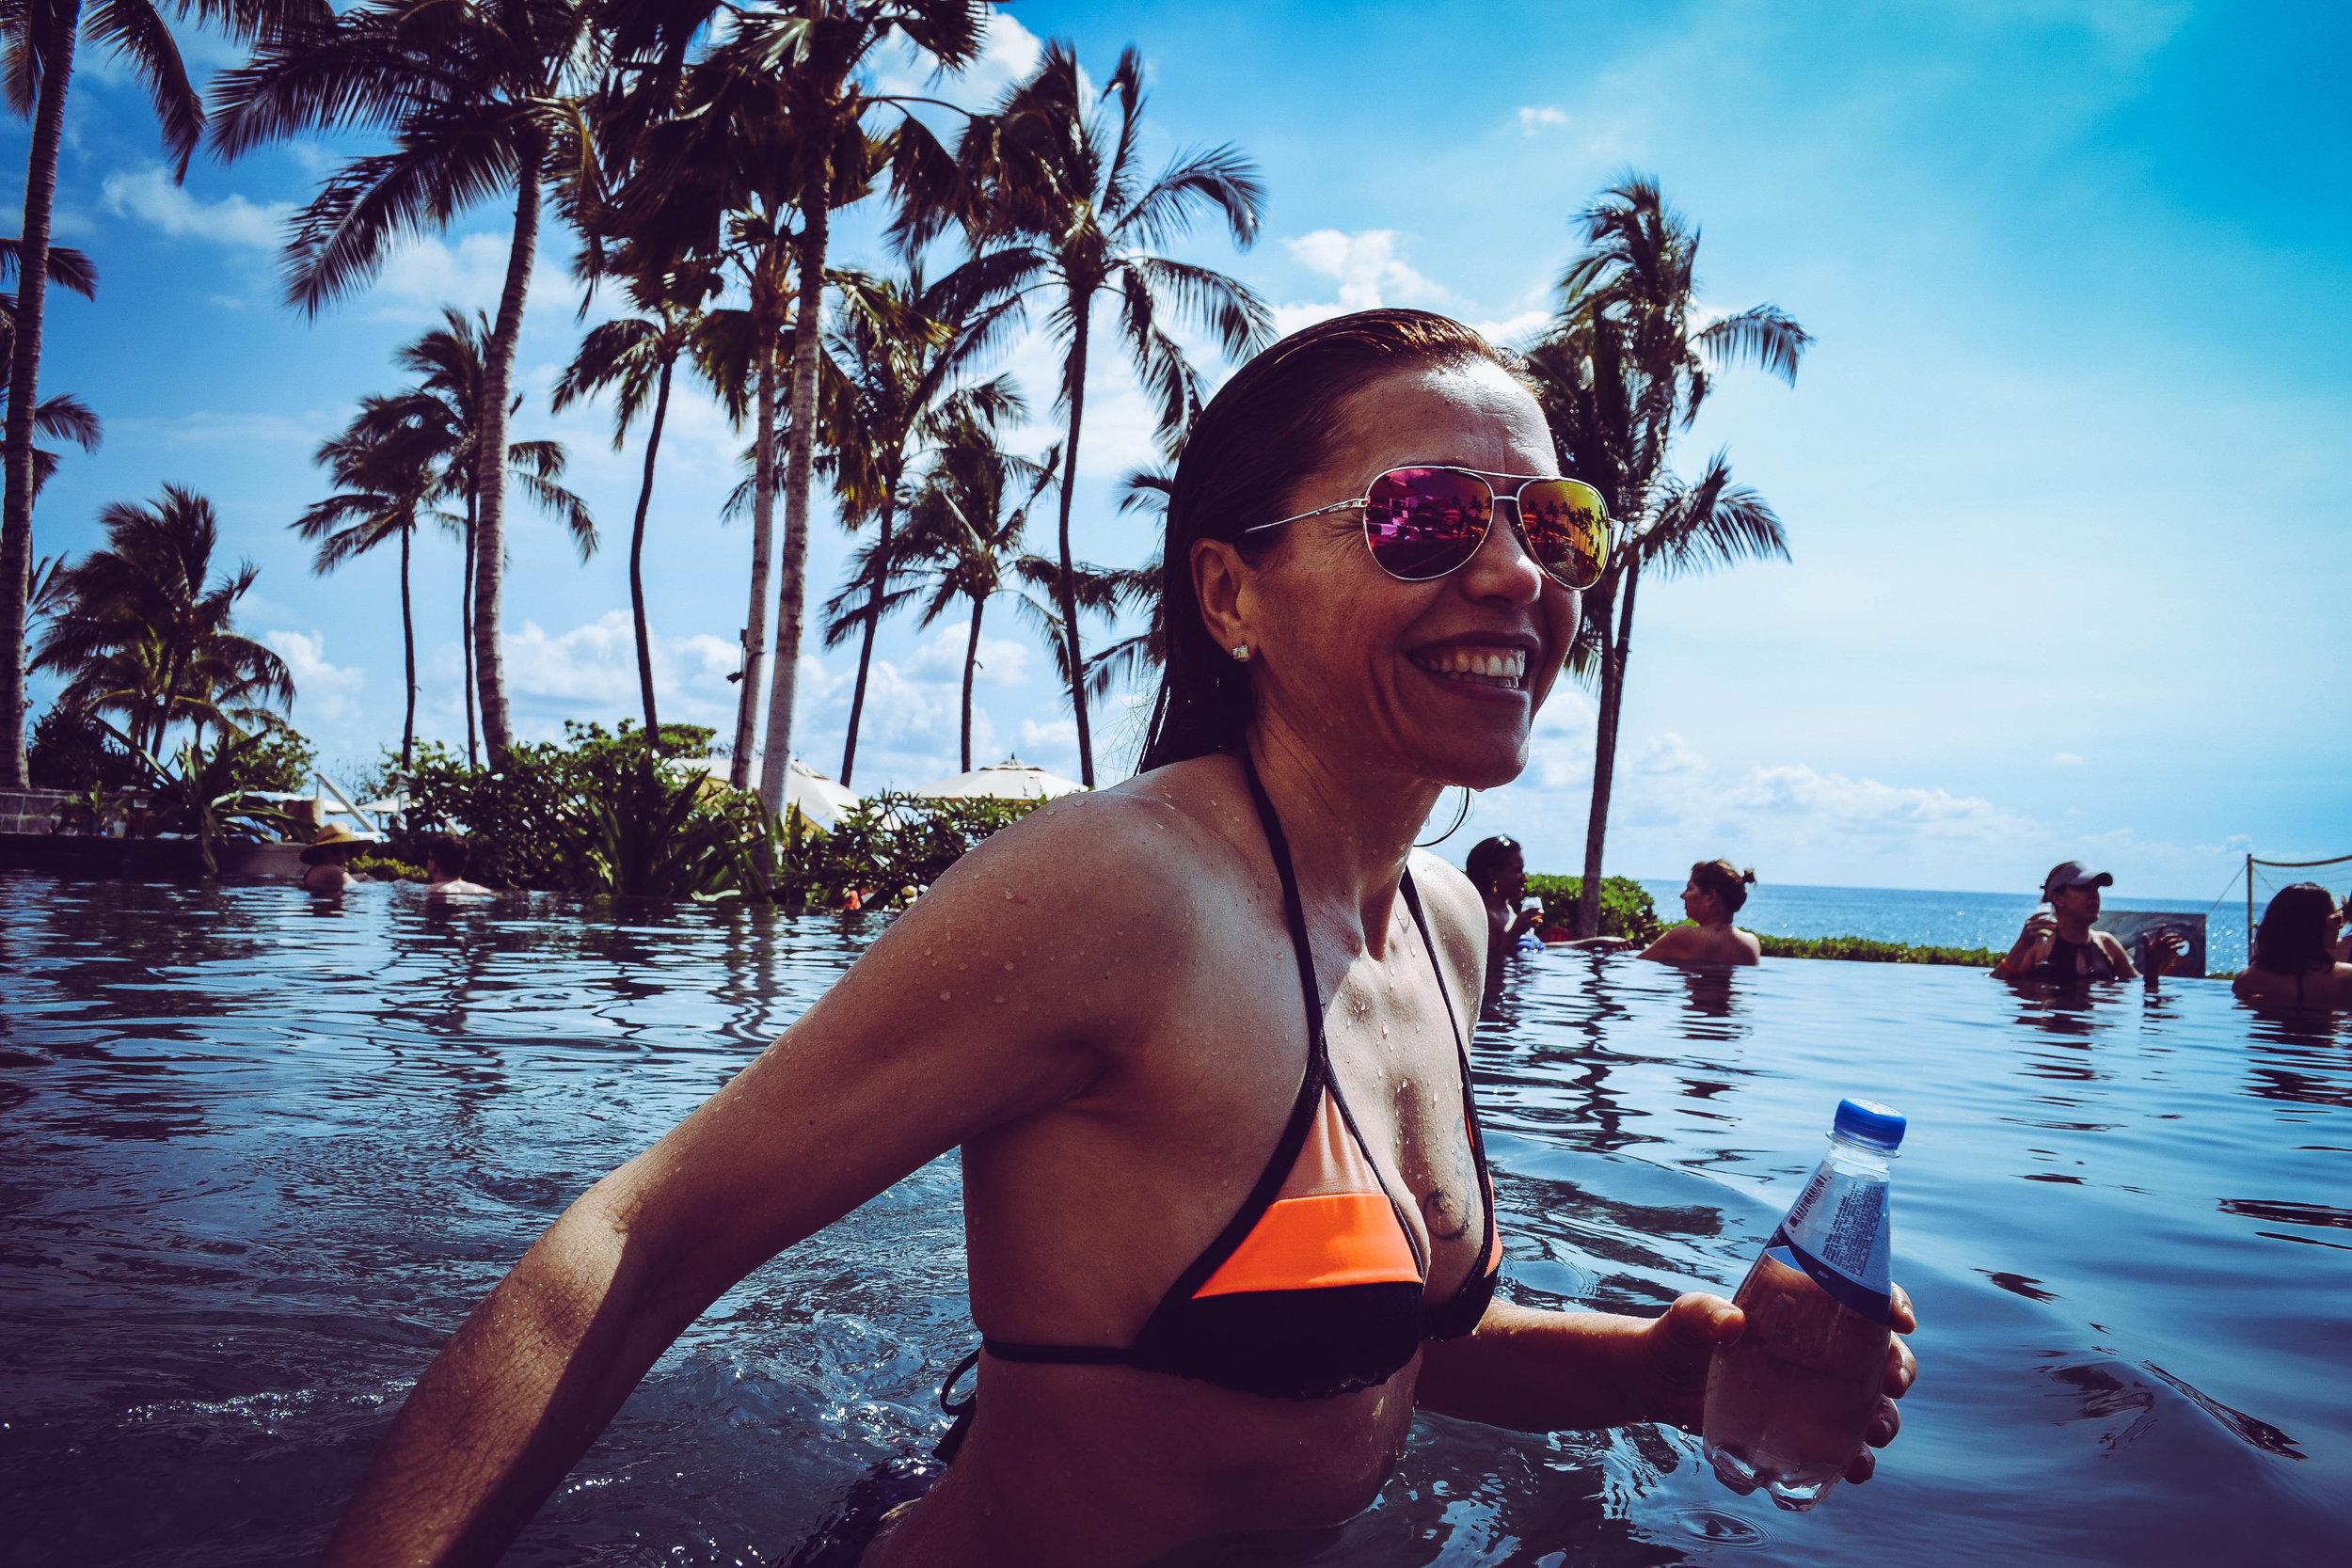 pool party.  oahu. hawaii. usa.